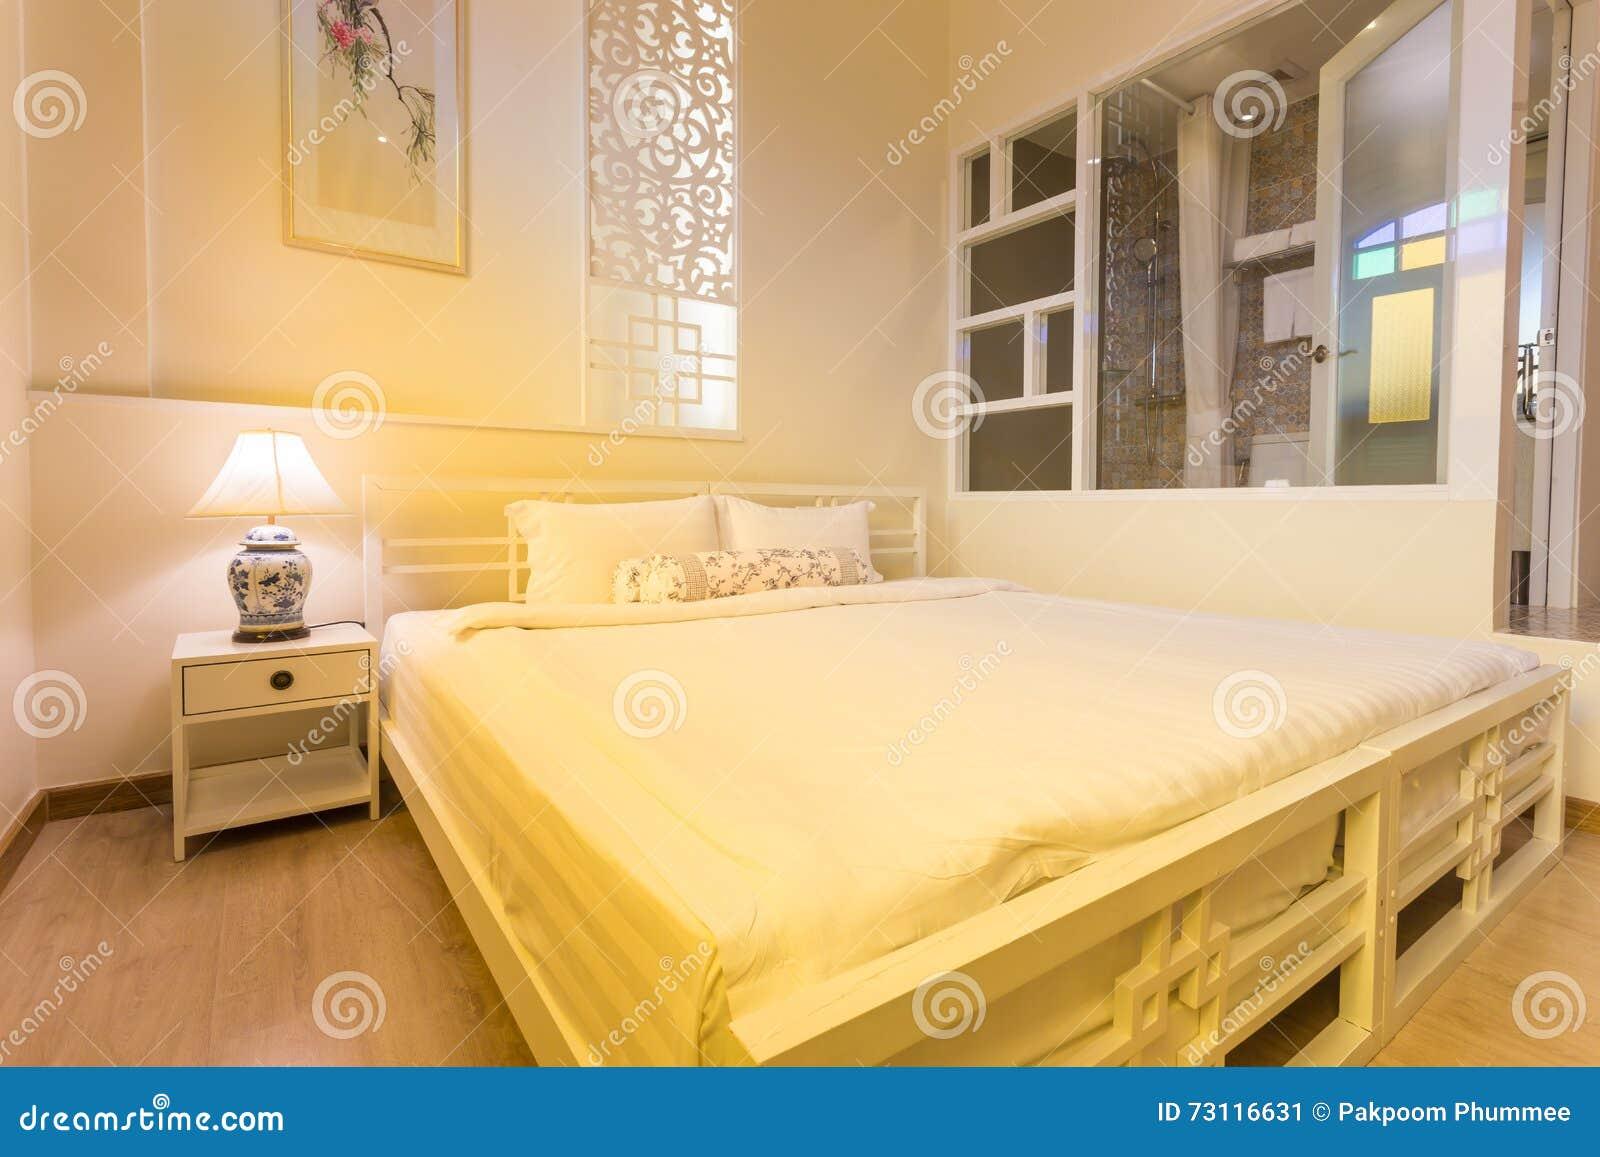 Slaapkamer Warme Kleuren : Abstracte slaapkamer in warme lichte kleuren groot comfortabel